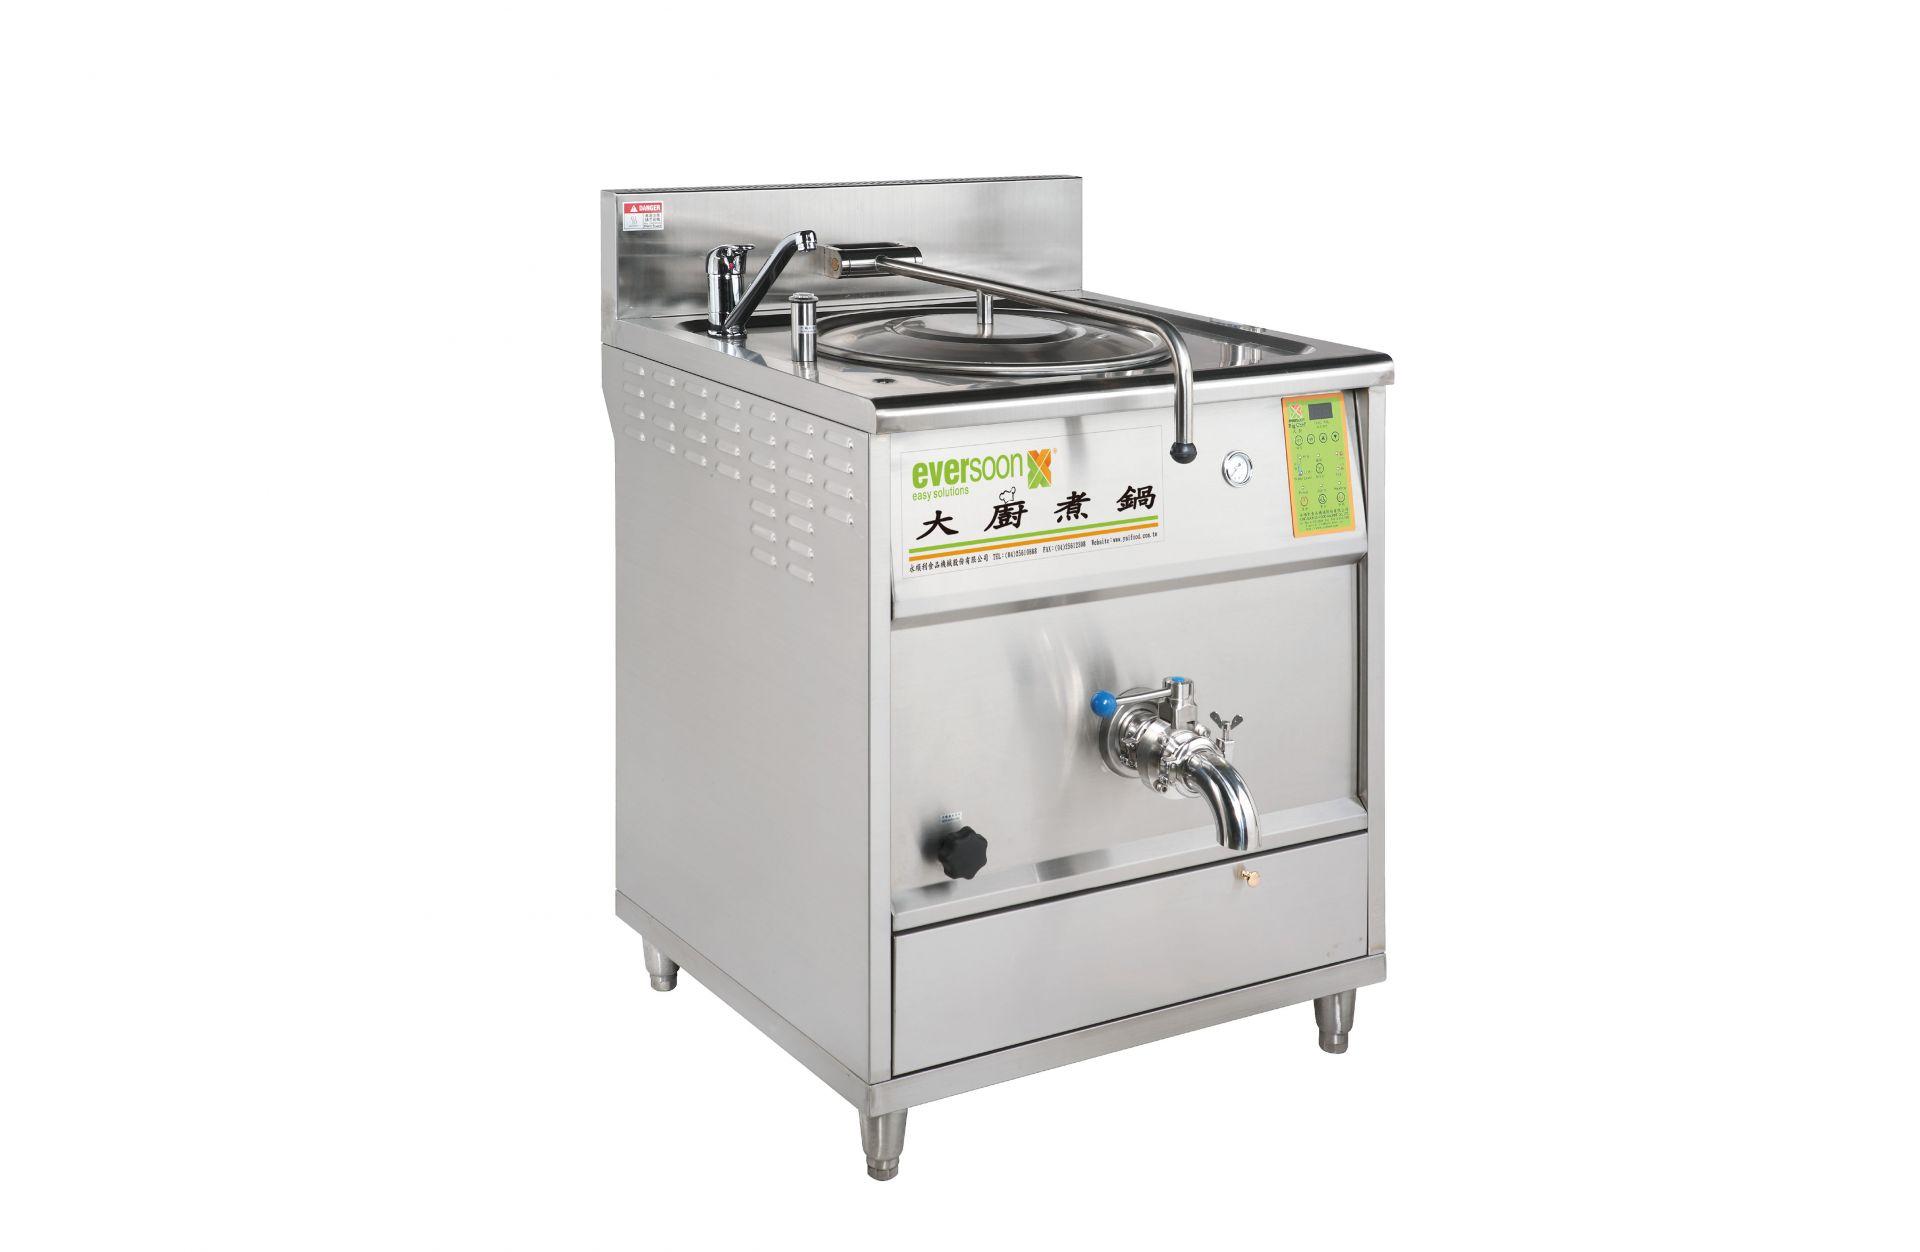 آلة غليان حليب الصويا - يمكن استخدام آلة Boliing Pan للطهي ليس فقط حليب الصويا ولكن أيضًا حليب الأرز والحساء والصلصة المركزة مثل صلصة السباغيتي.